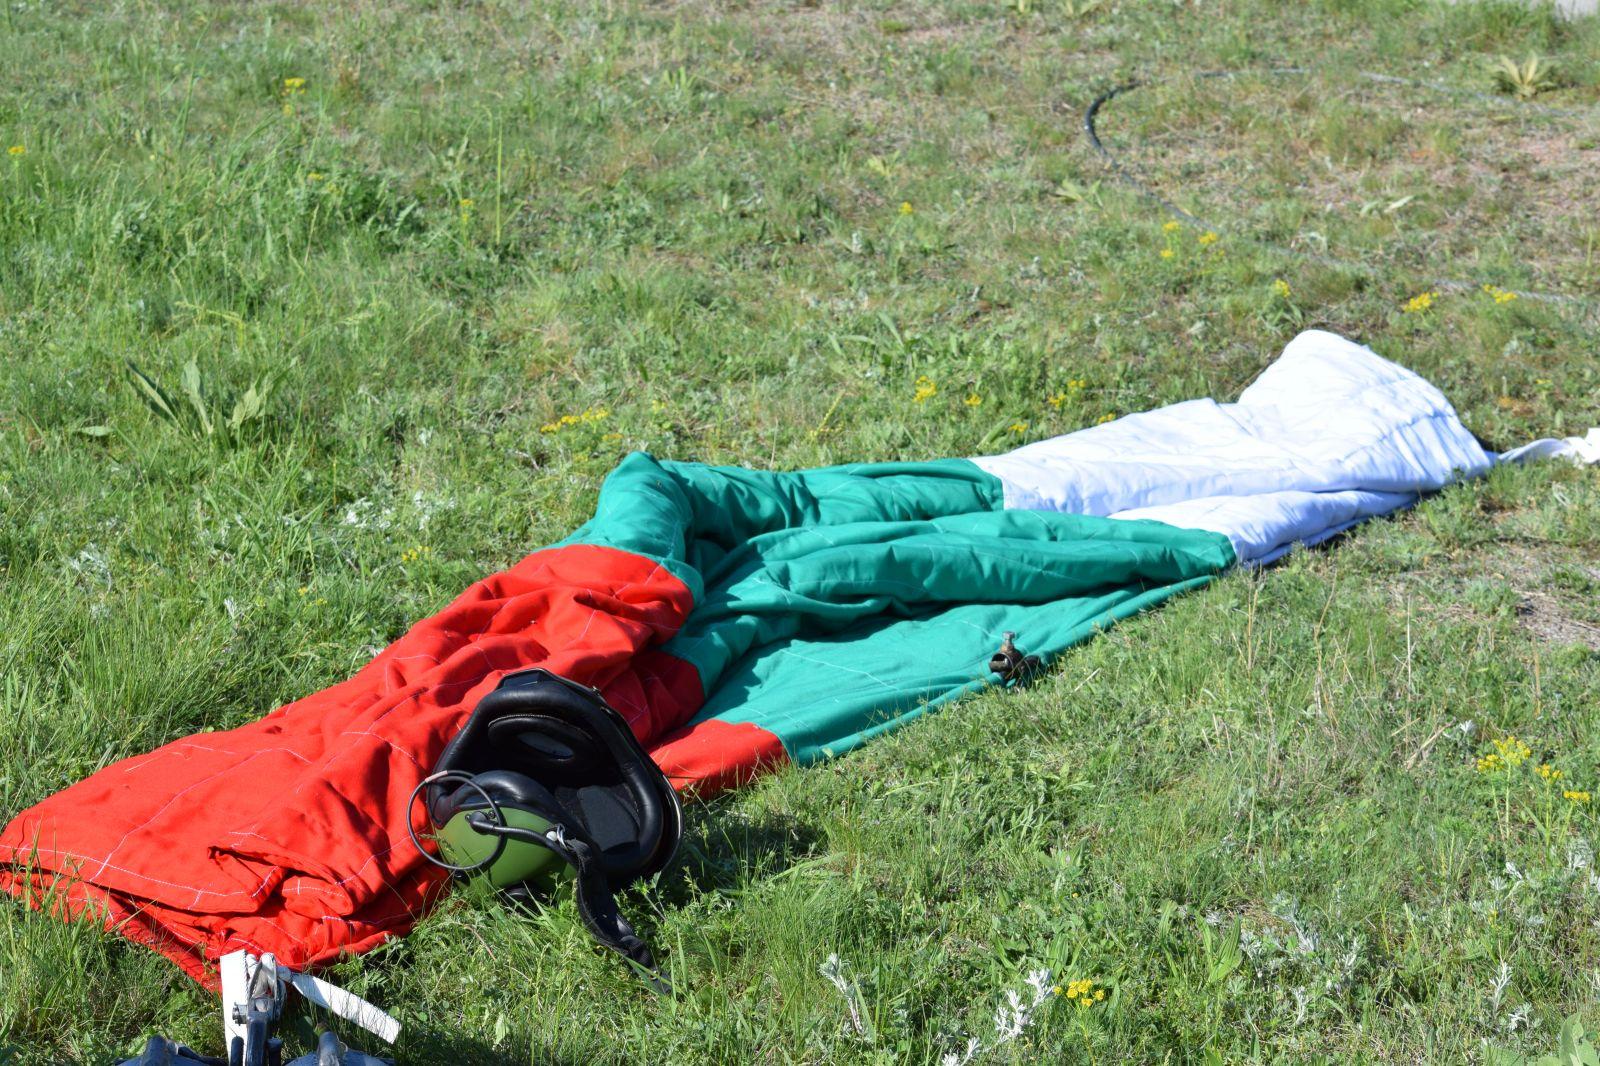 Генерална репетиция за въздушната демонстрация на 6 май - Част 1 AS532AL Cougar с националния флаг (ГОЛЯМА АВИАЦИОННА ГАЛЕРИЯ)